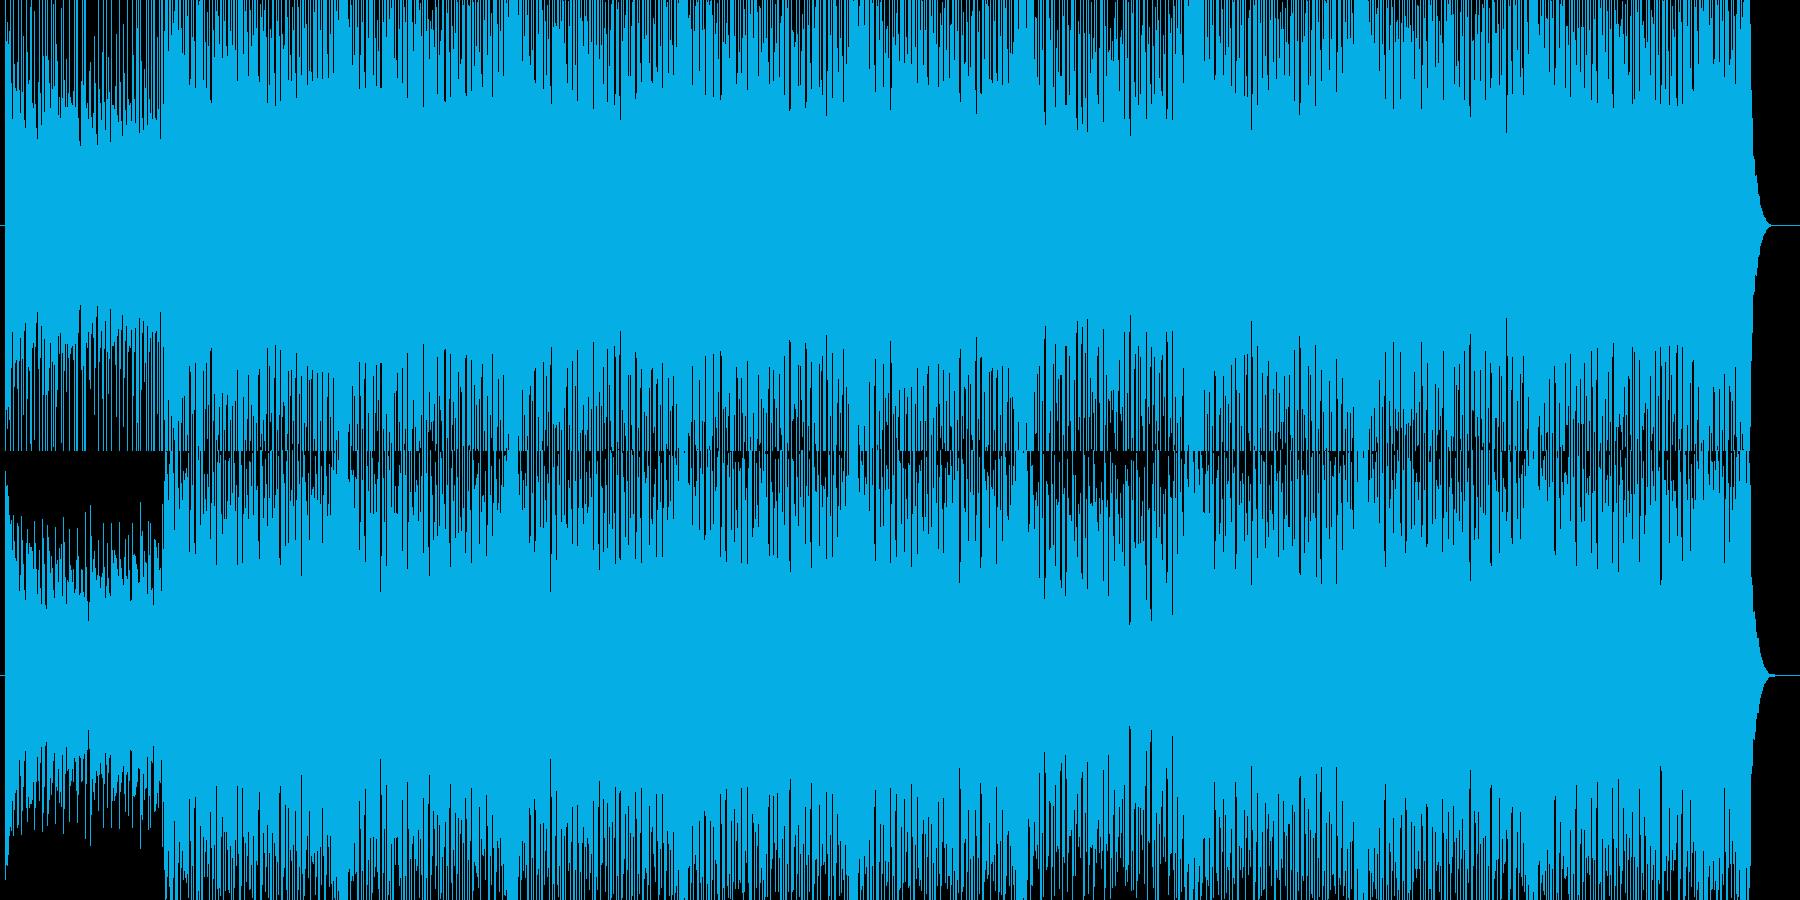 ギターが入ったポッブなBGM(メロ抜き)の再生済みの波形